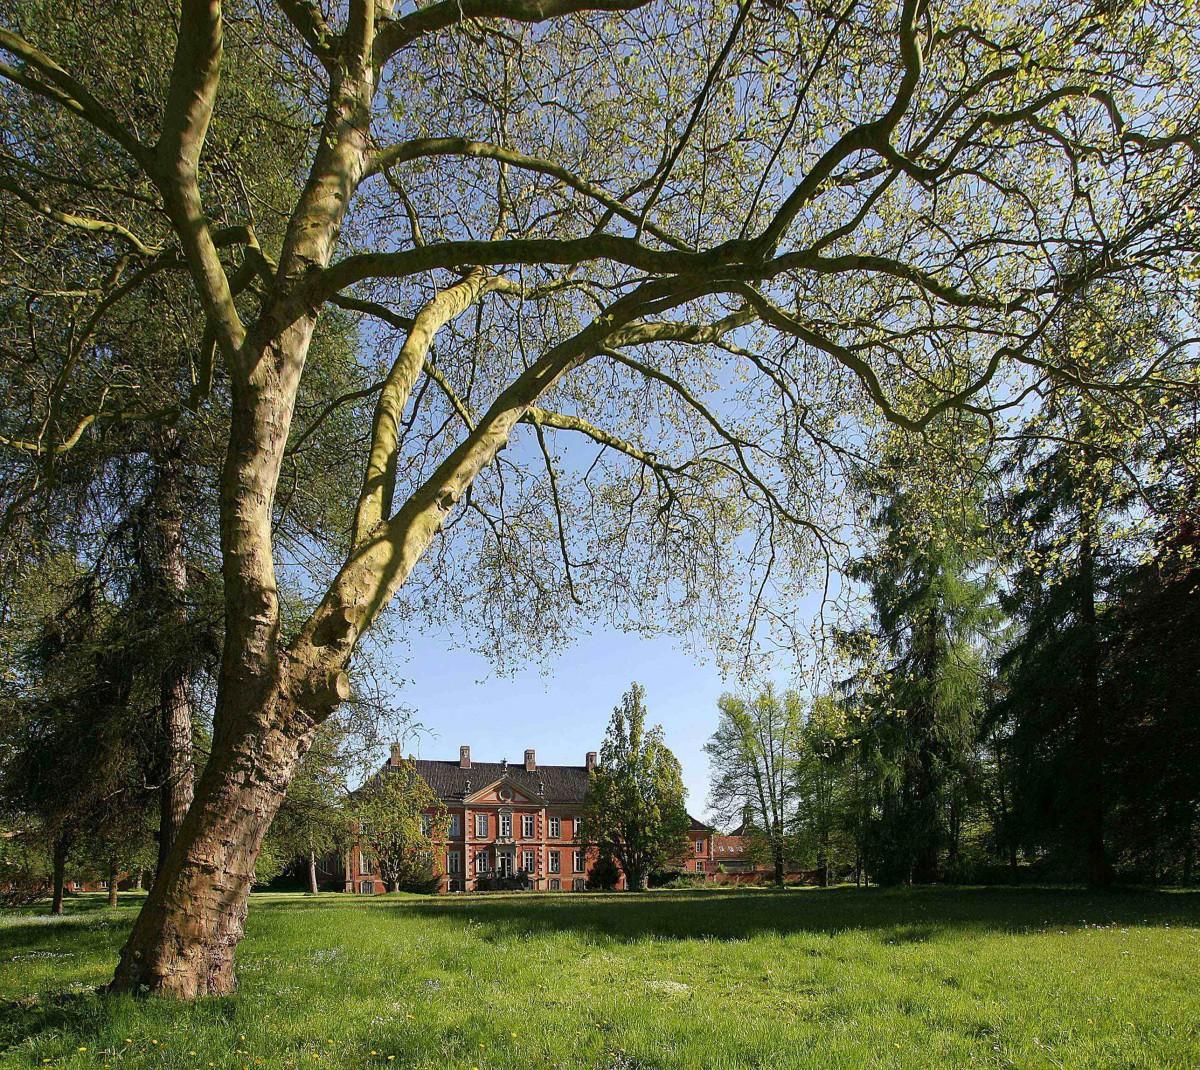 Mit einem Gartenfest öffnet am 23. Mai das Schlossmuseum; Foto: Dr. Carsten Neumann